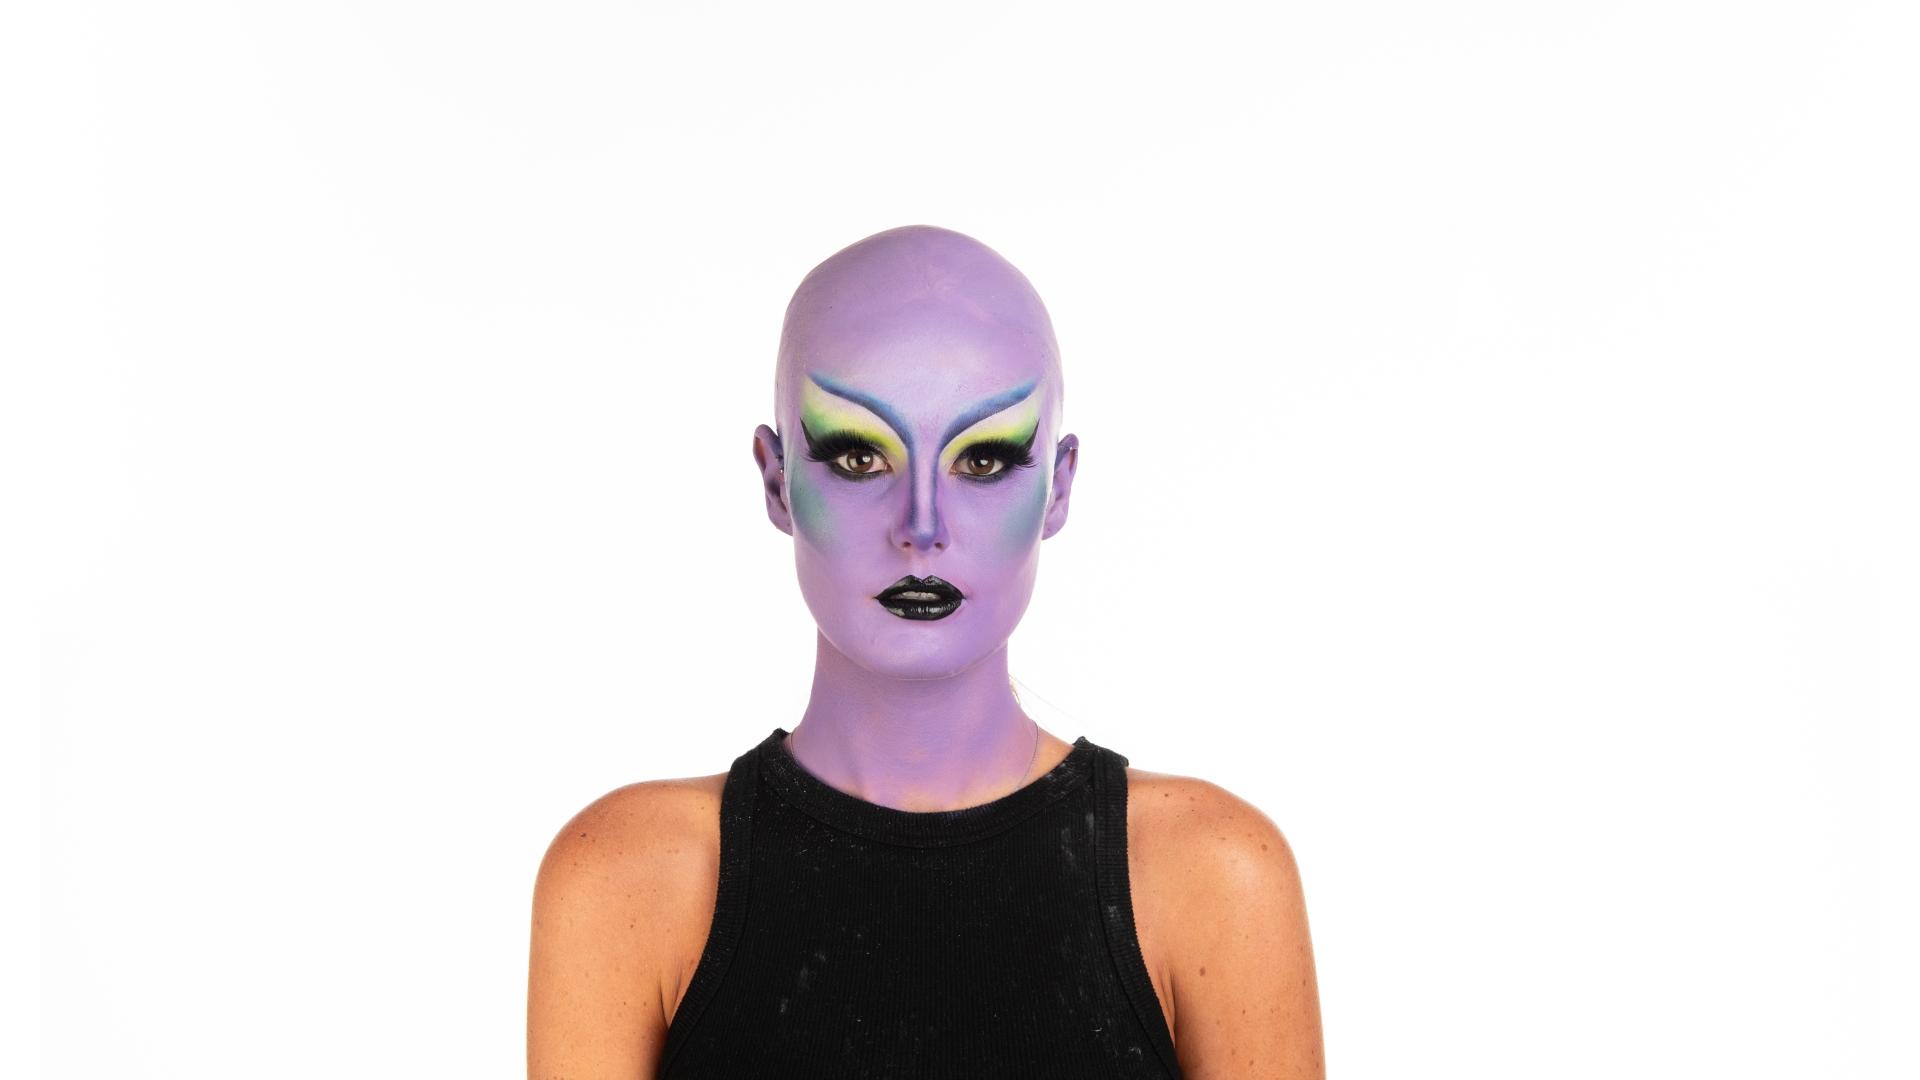 Megan's finished drag look